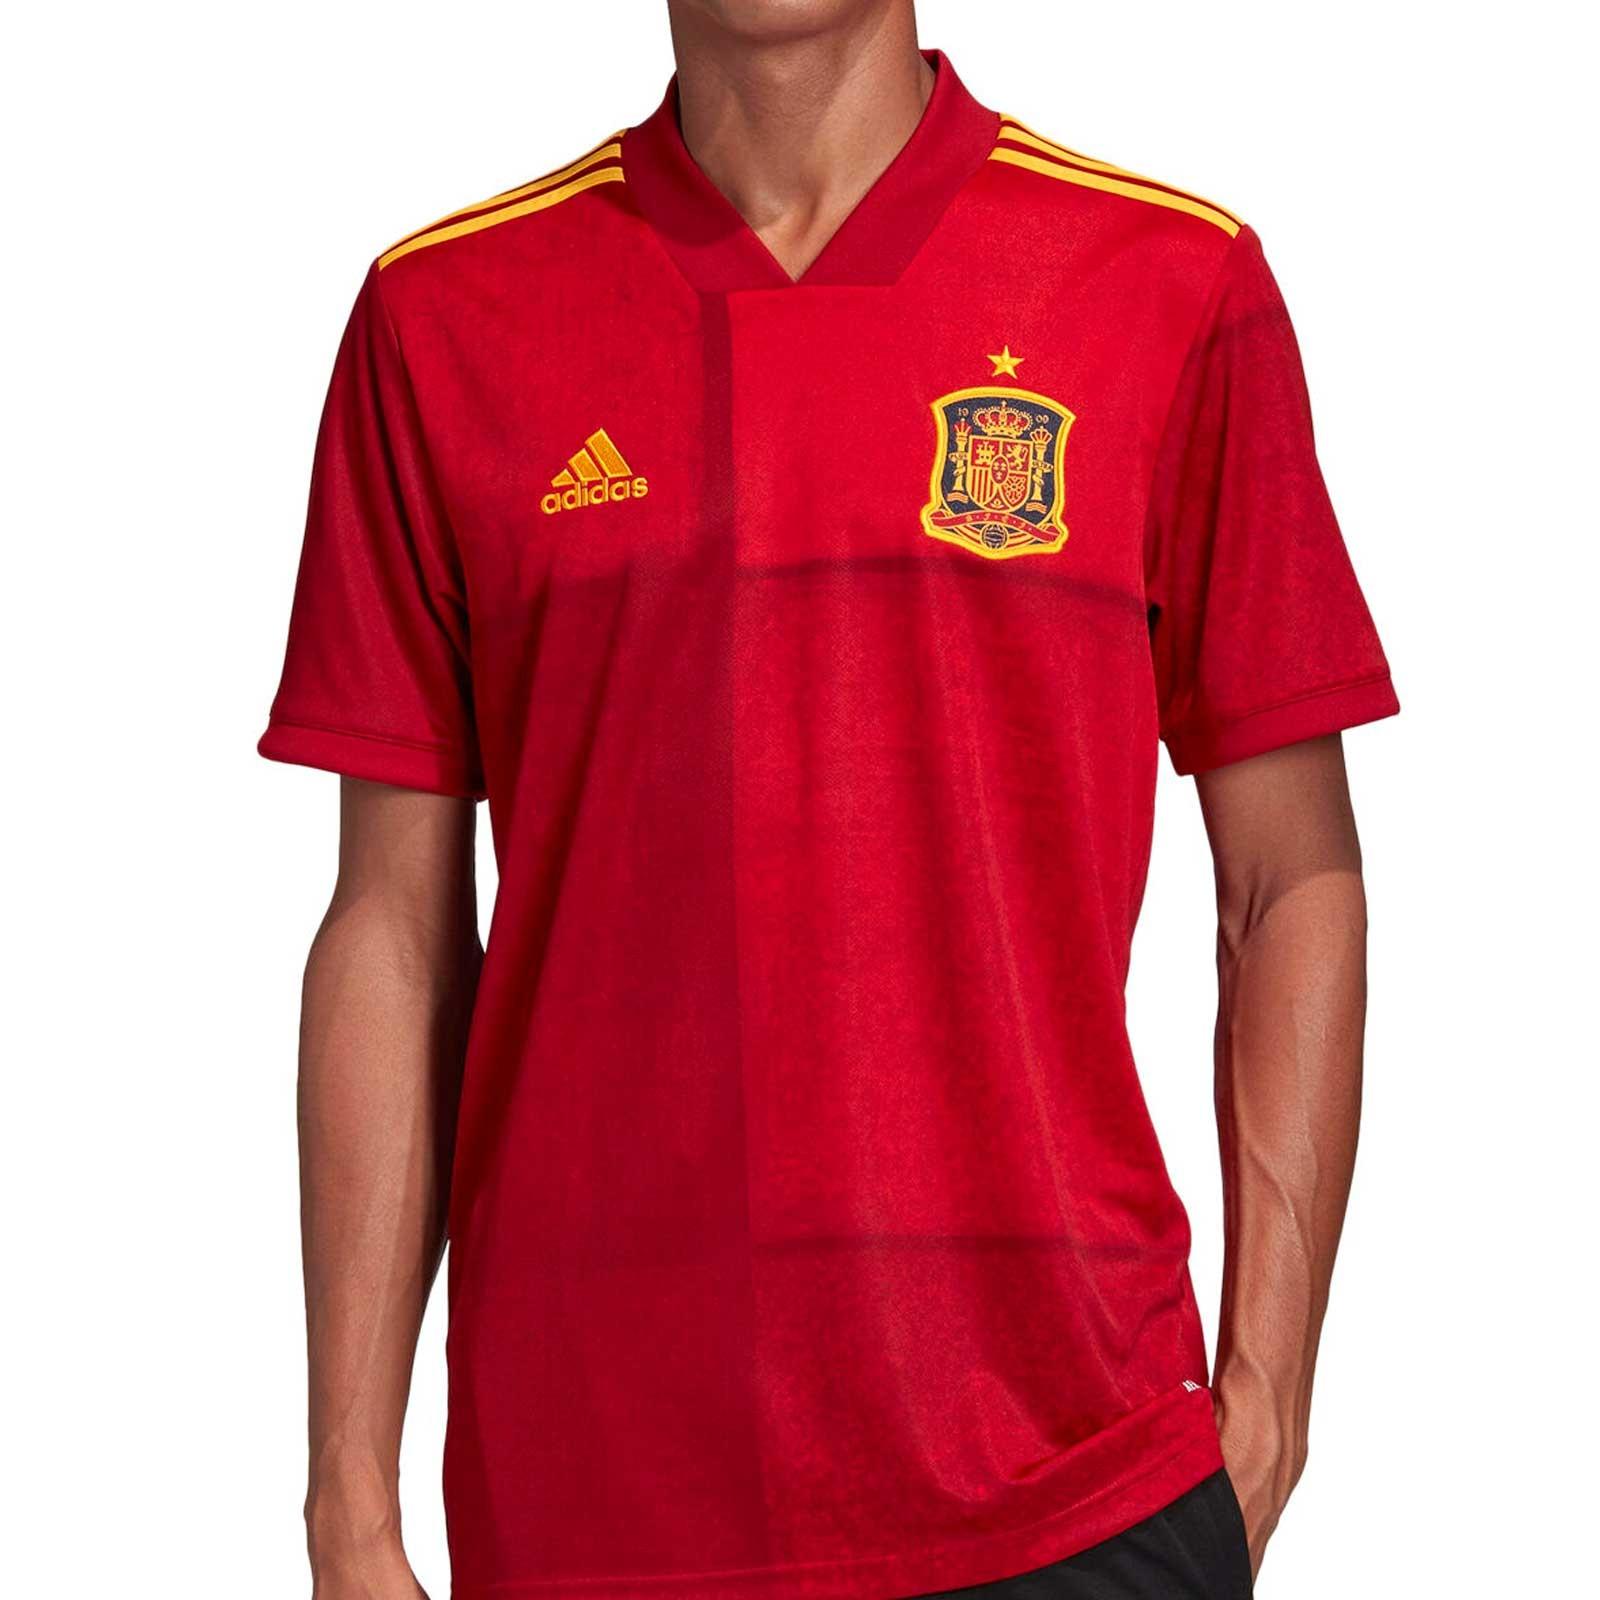 apodo Retorcido cada  Camiseta adidas España 2020 2021 roja | futbolmania